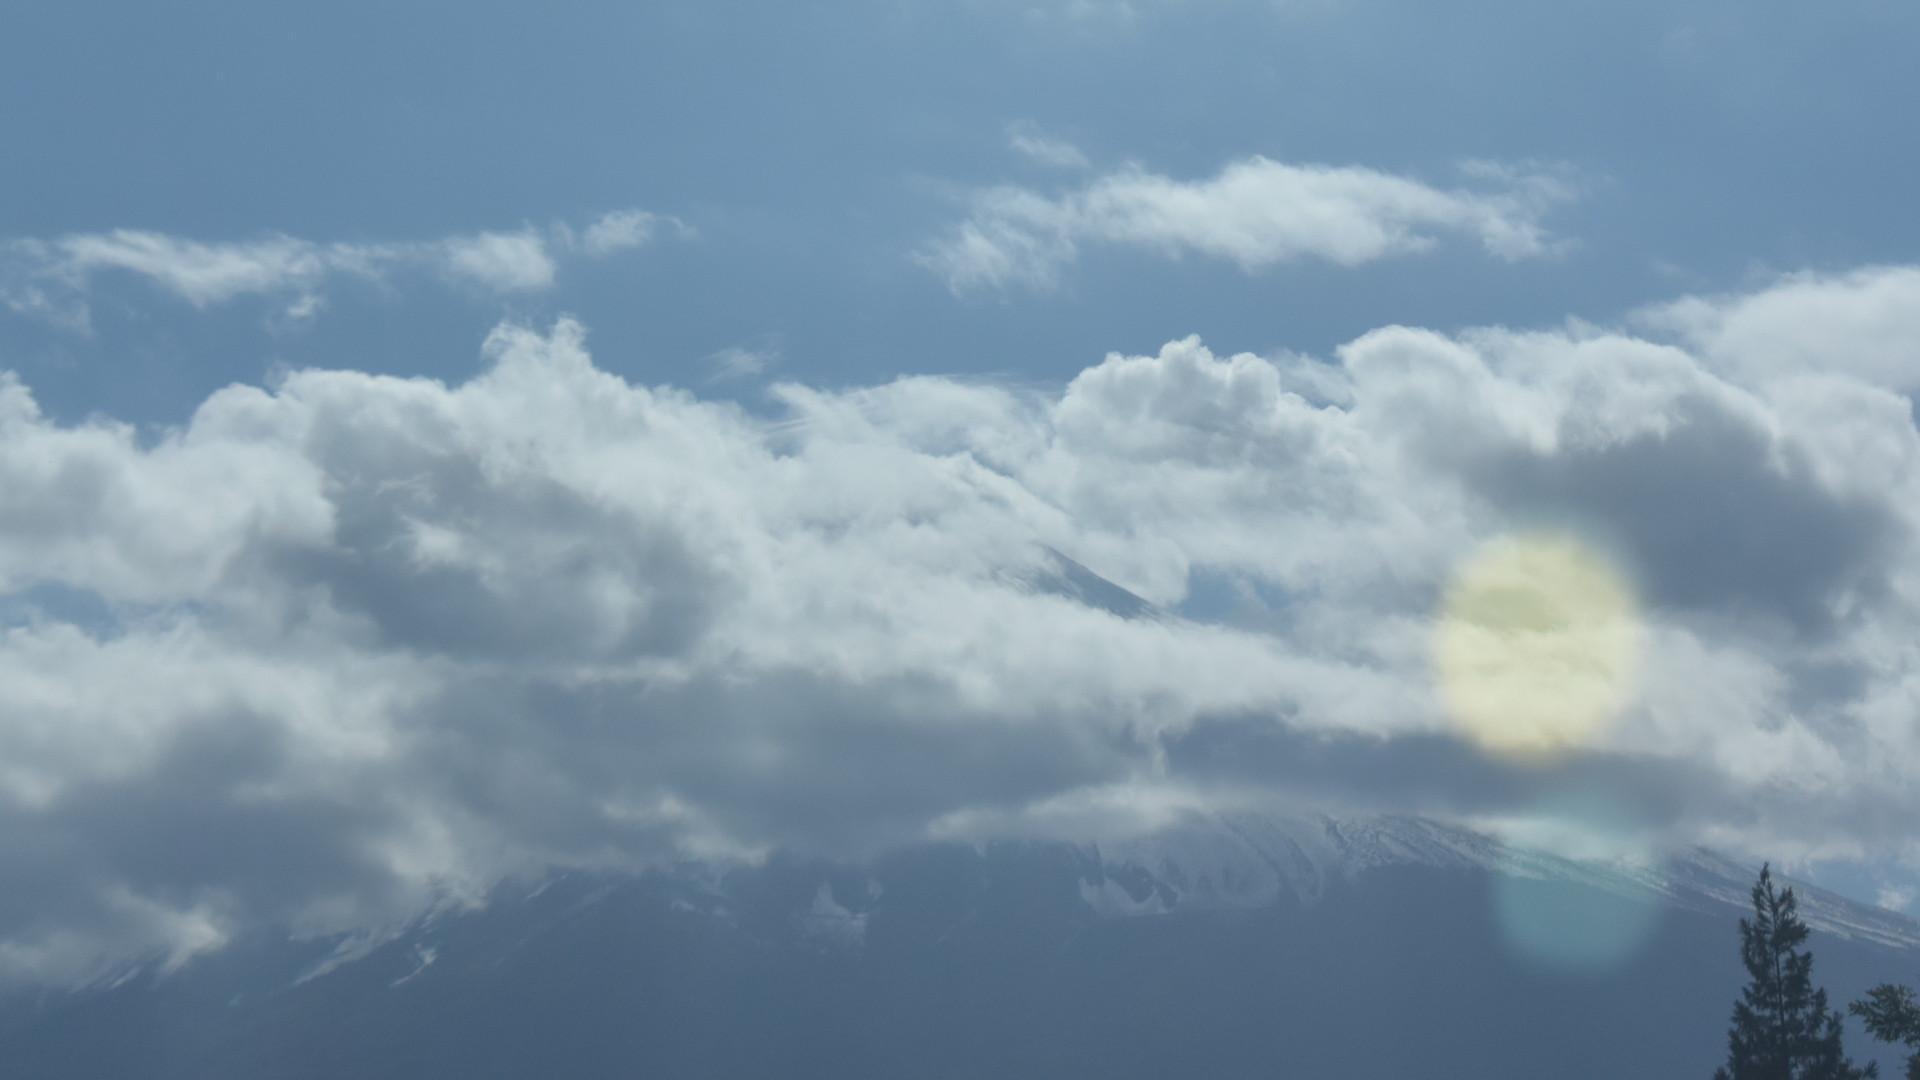 Webcam 下吉田: Mt.Fuji livecam